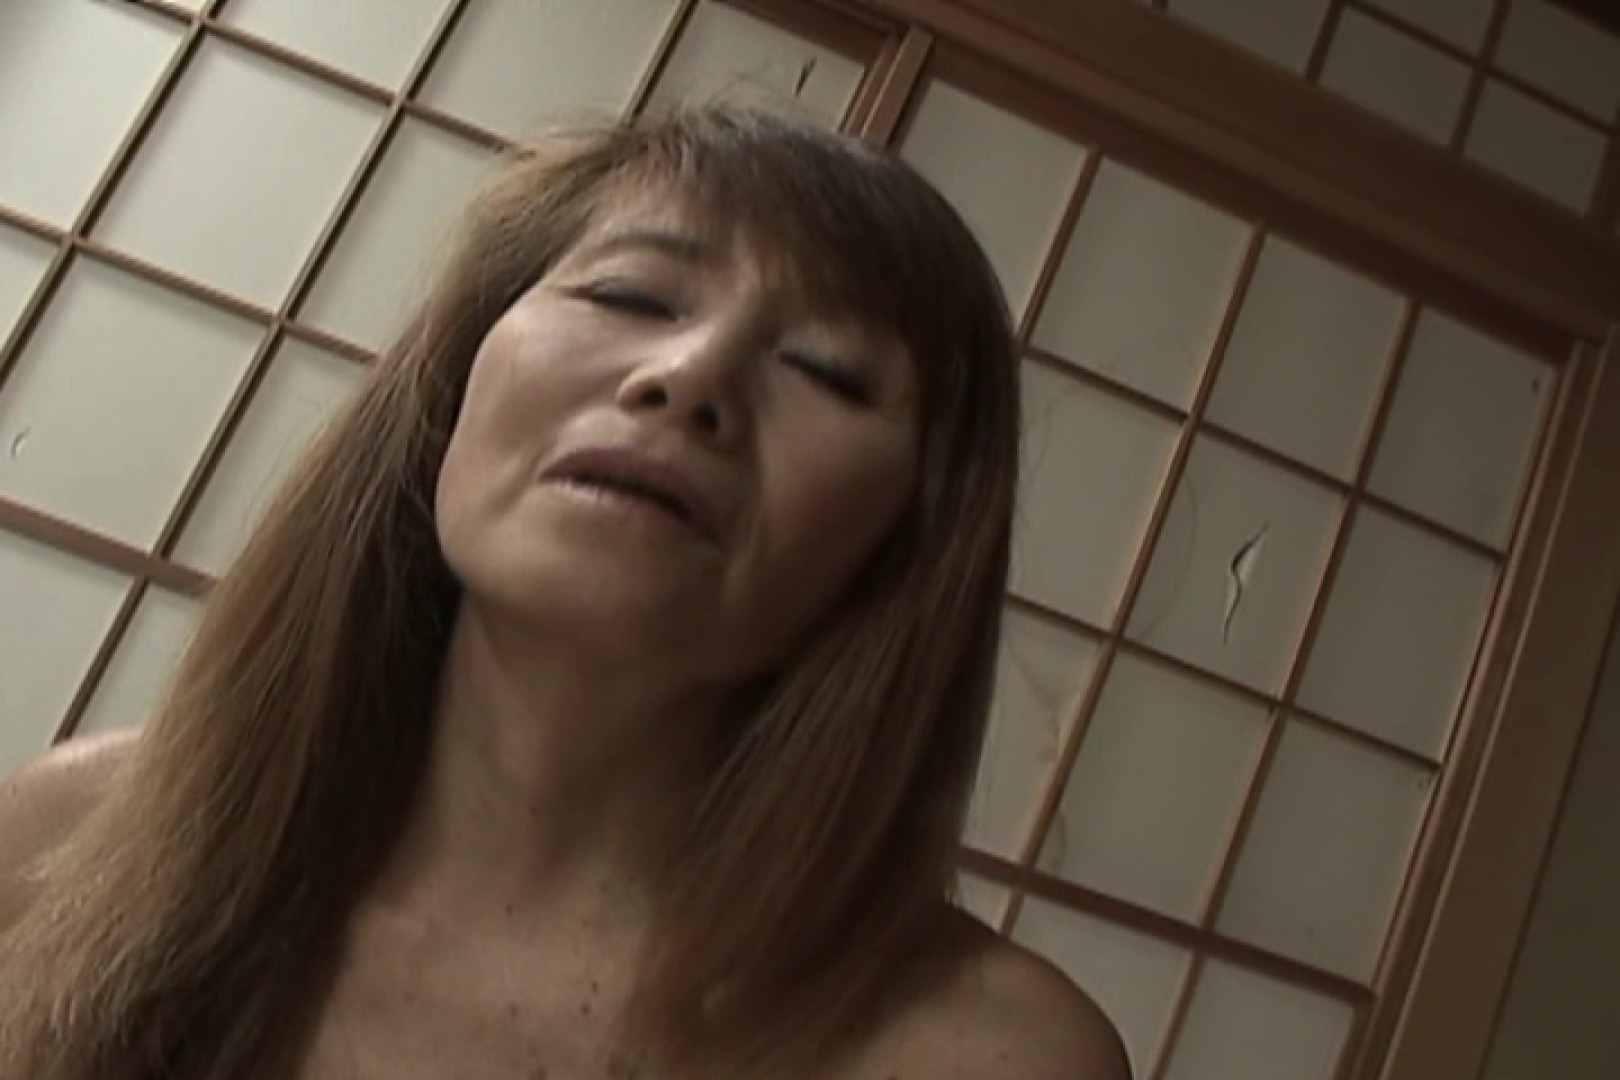 Aカップ奥様はまたがるのが大好き~森山ゆきこ~ SEX映像 隠し撮りオマンコ動画紹介 91連発 56